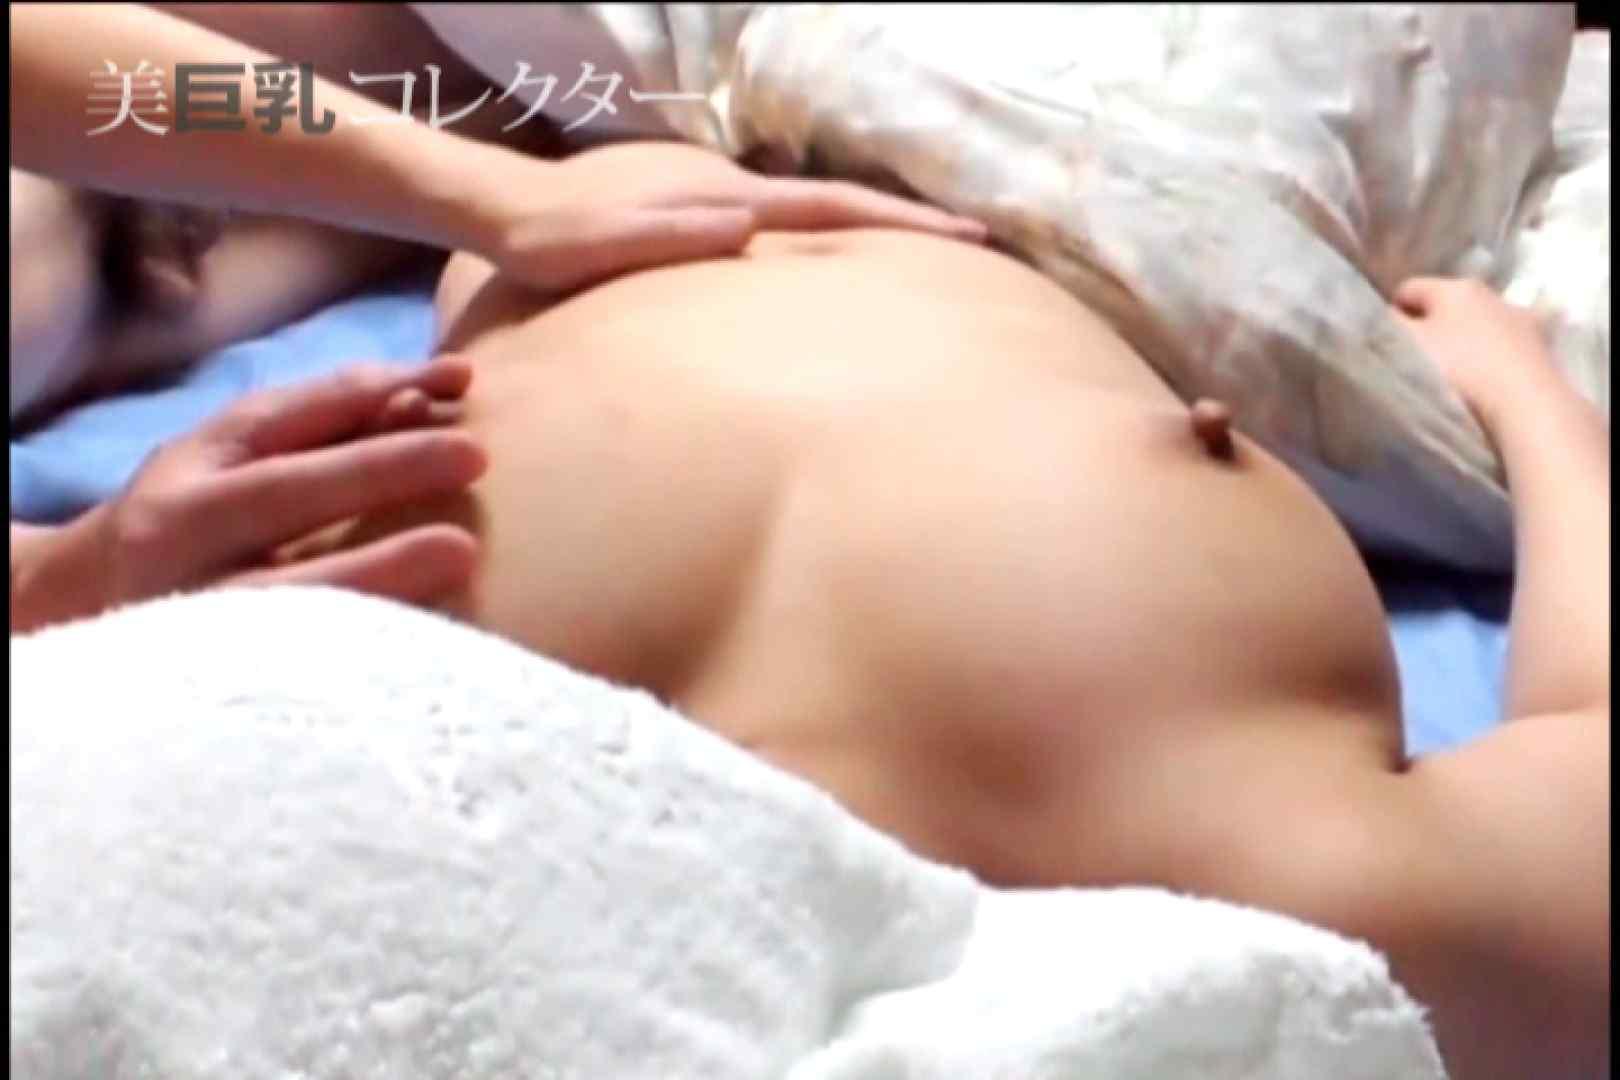 泥酔Hカップ爆乳ギャル2 ギャルのエロ生活  91連発 15